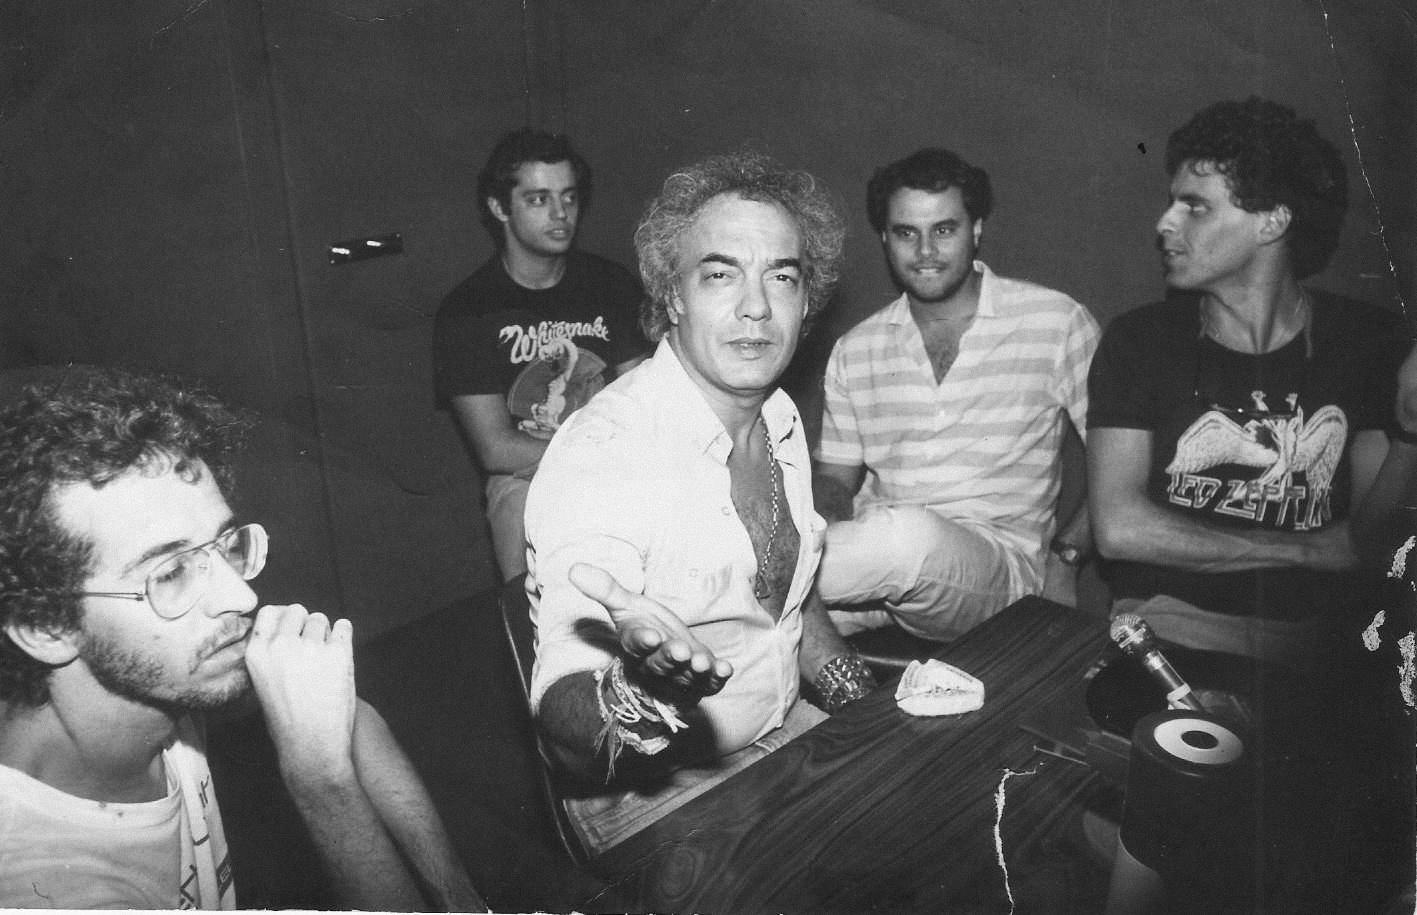 Rádio Fluminense em 1982: Alex Mariano (produtor), Alvaro Luiz Fernandes (gerente de promoção), Hilário Alencar (produtor), Luiz Antonio Mello (diretor) e Erasmo Carlos. A rádio era apoiadora dos eventos realizados no Circo